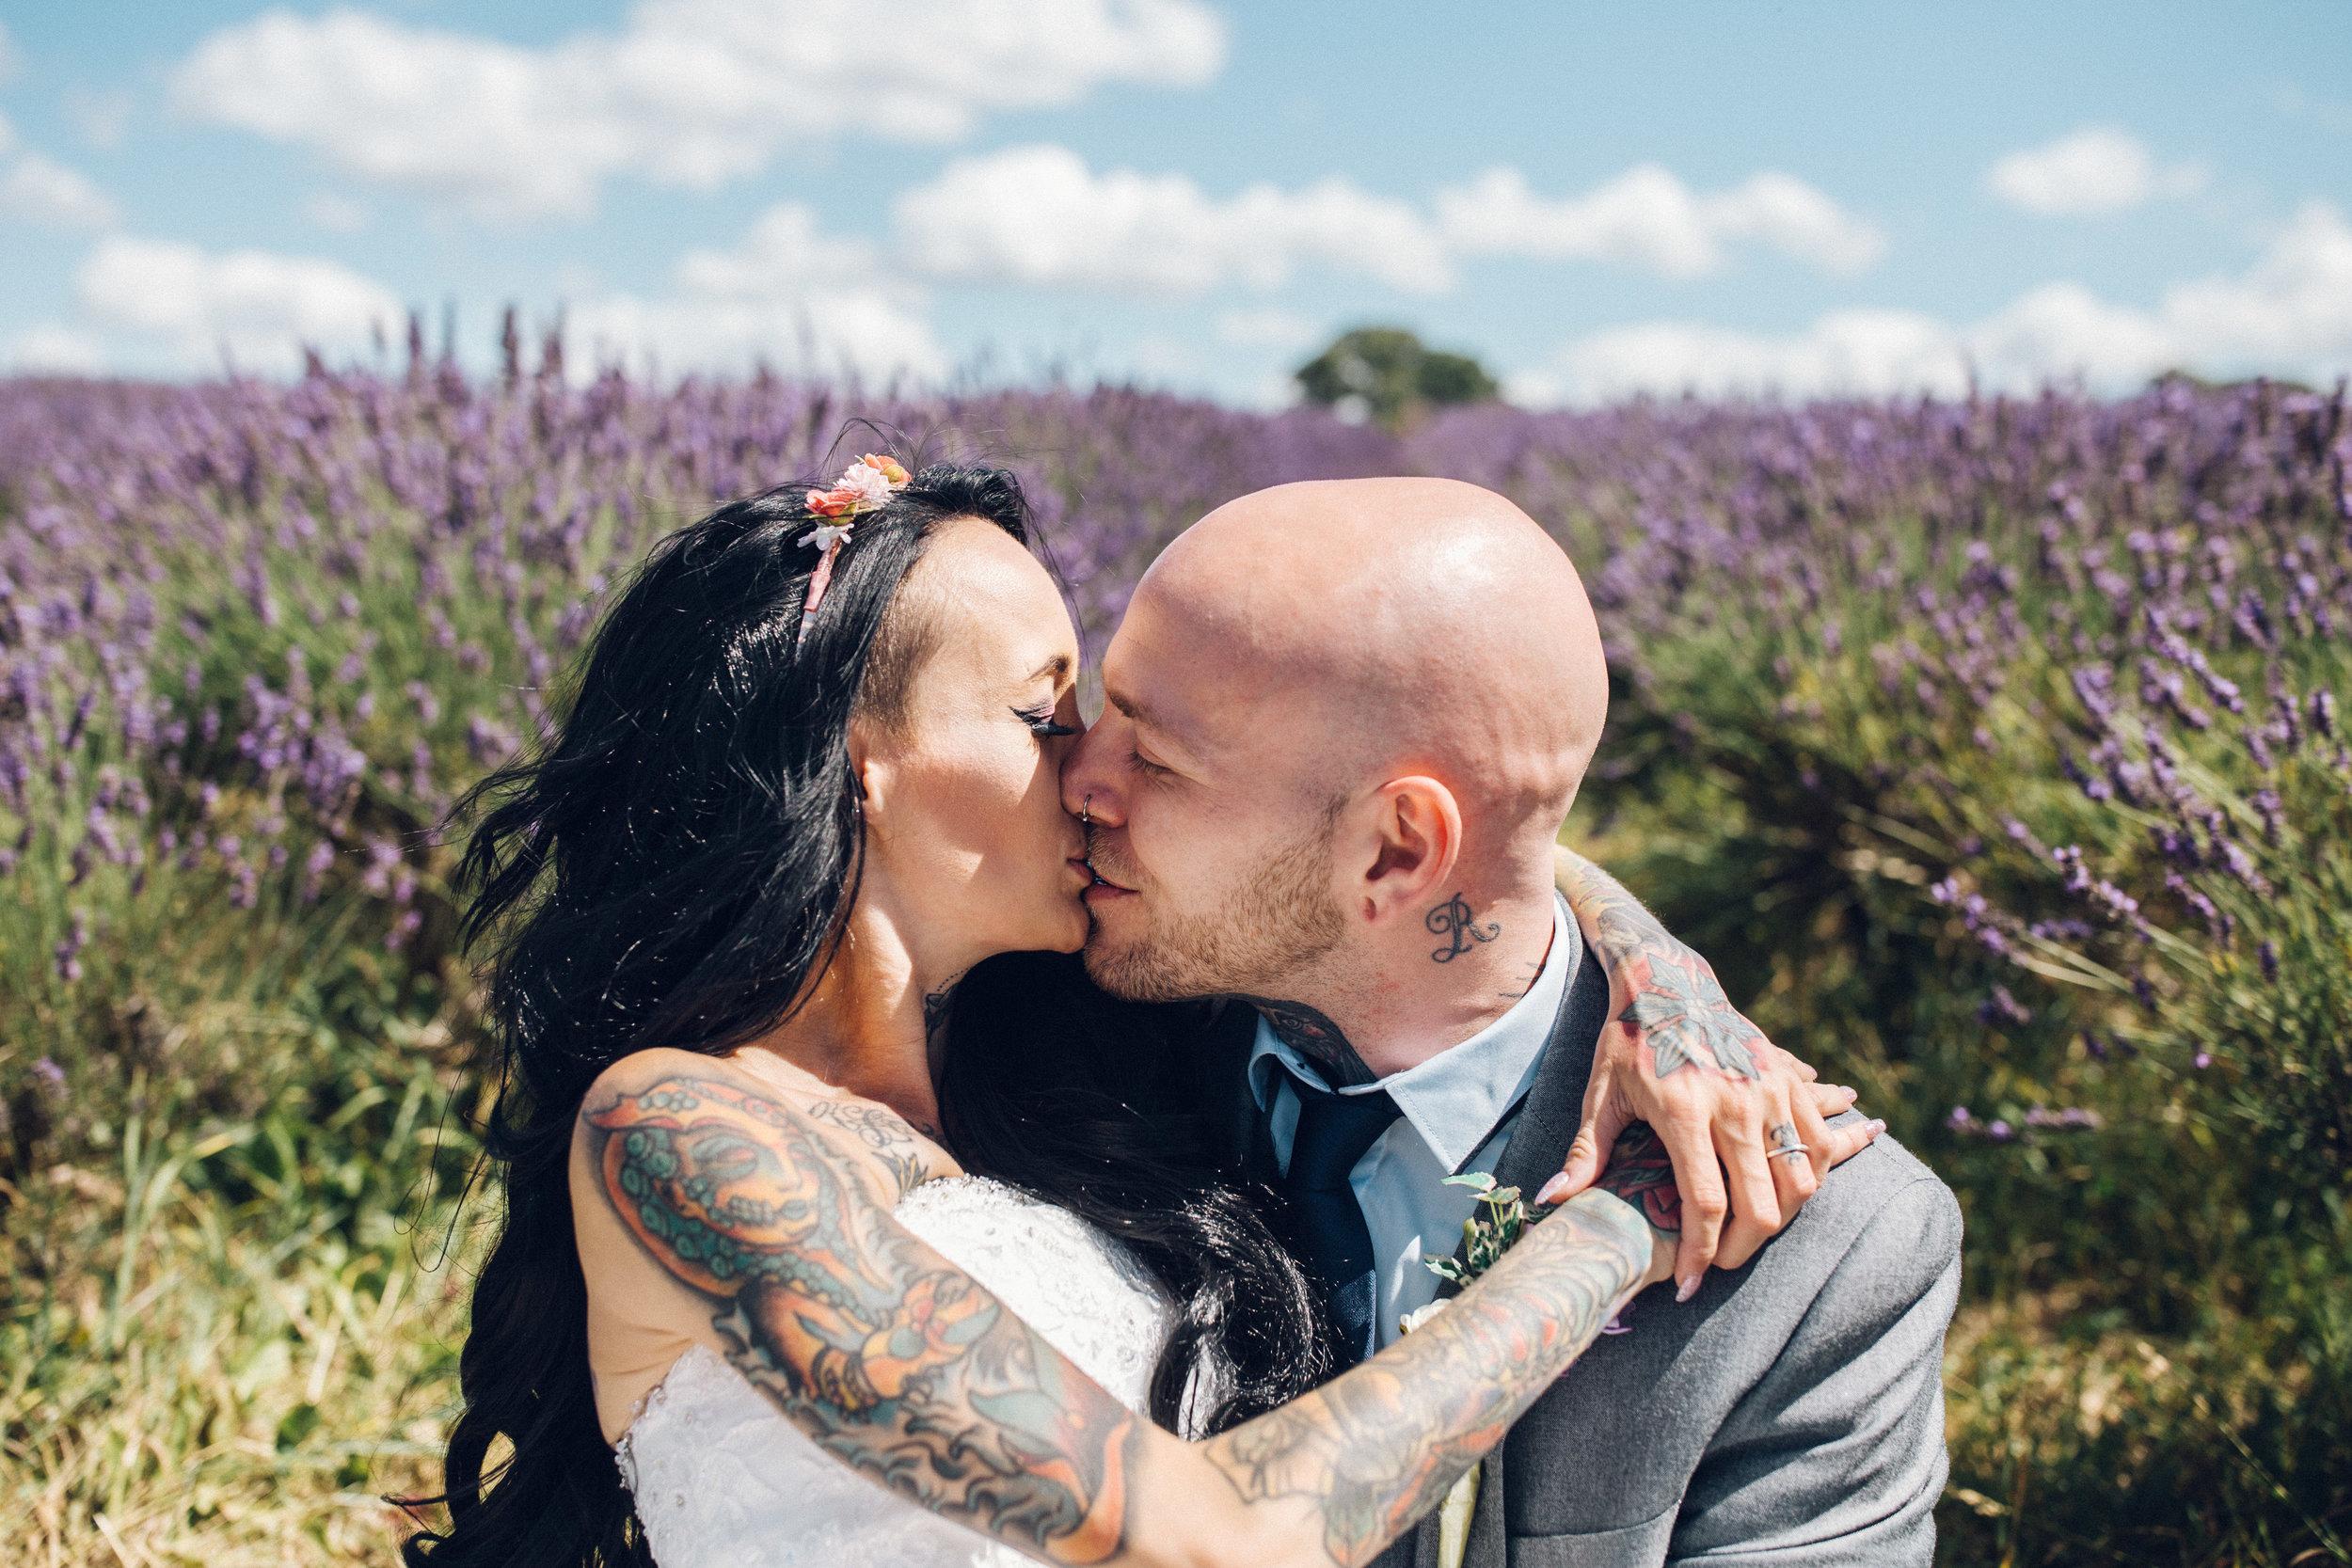 Mayfield Lavender farm wedding couple portraits - Zinnia Gardens wedding